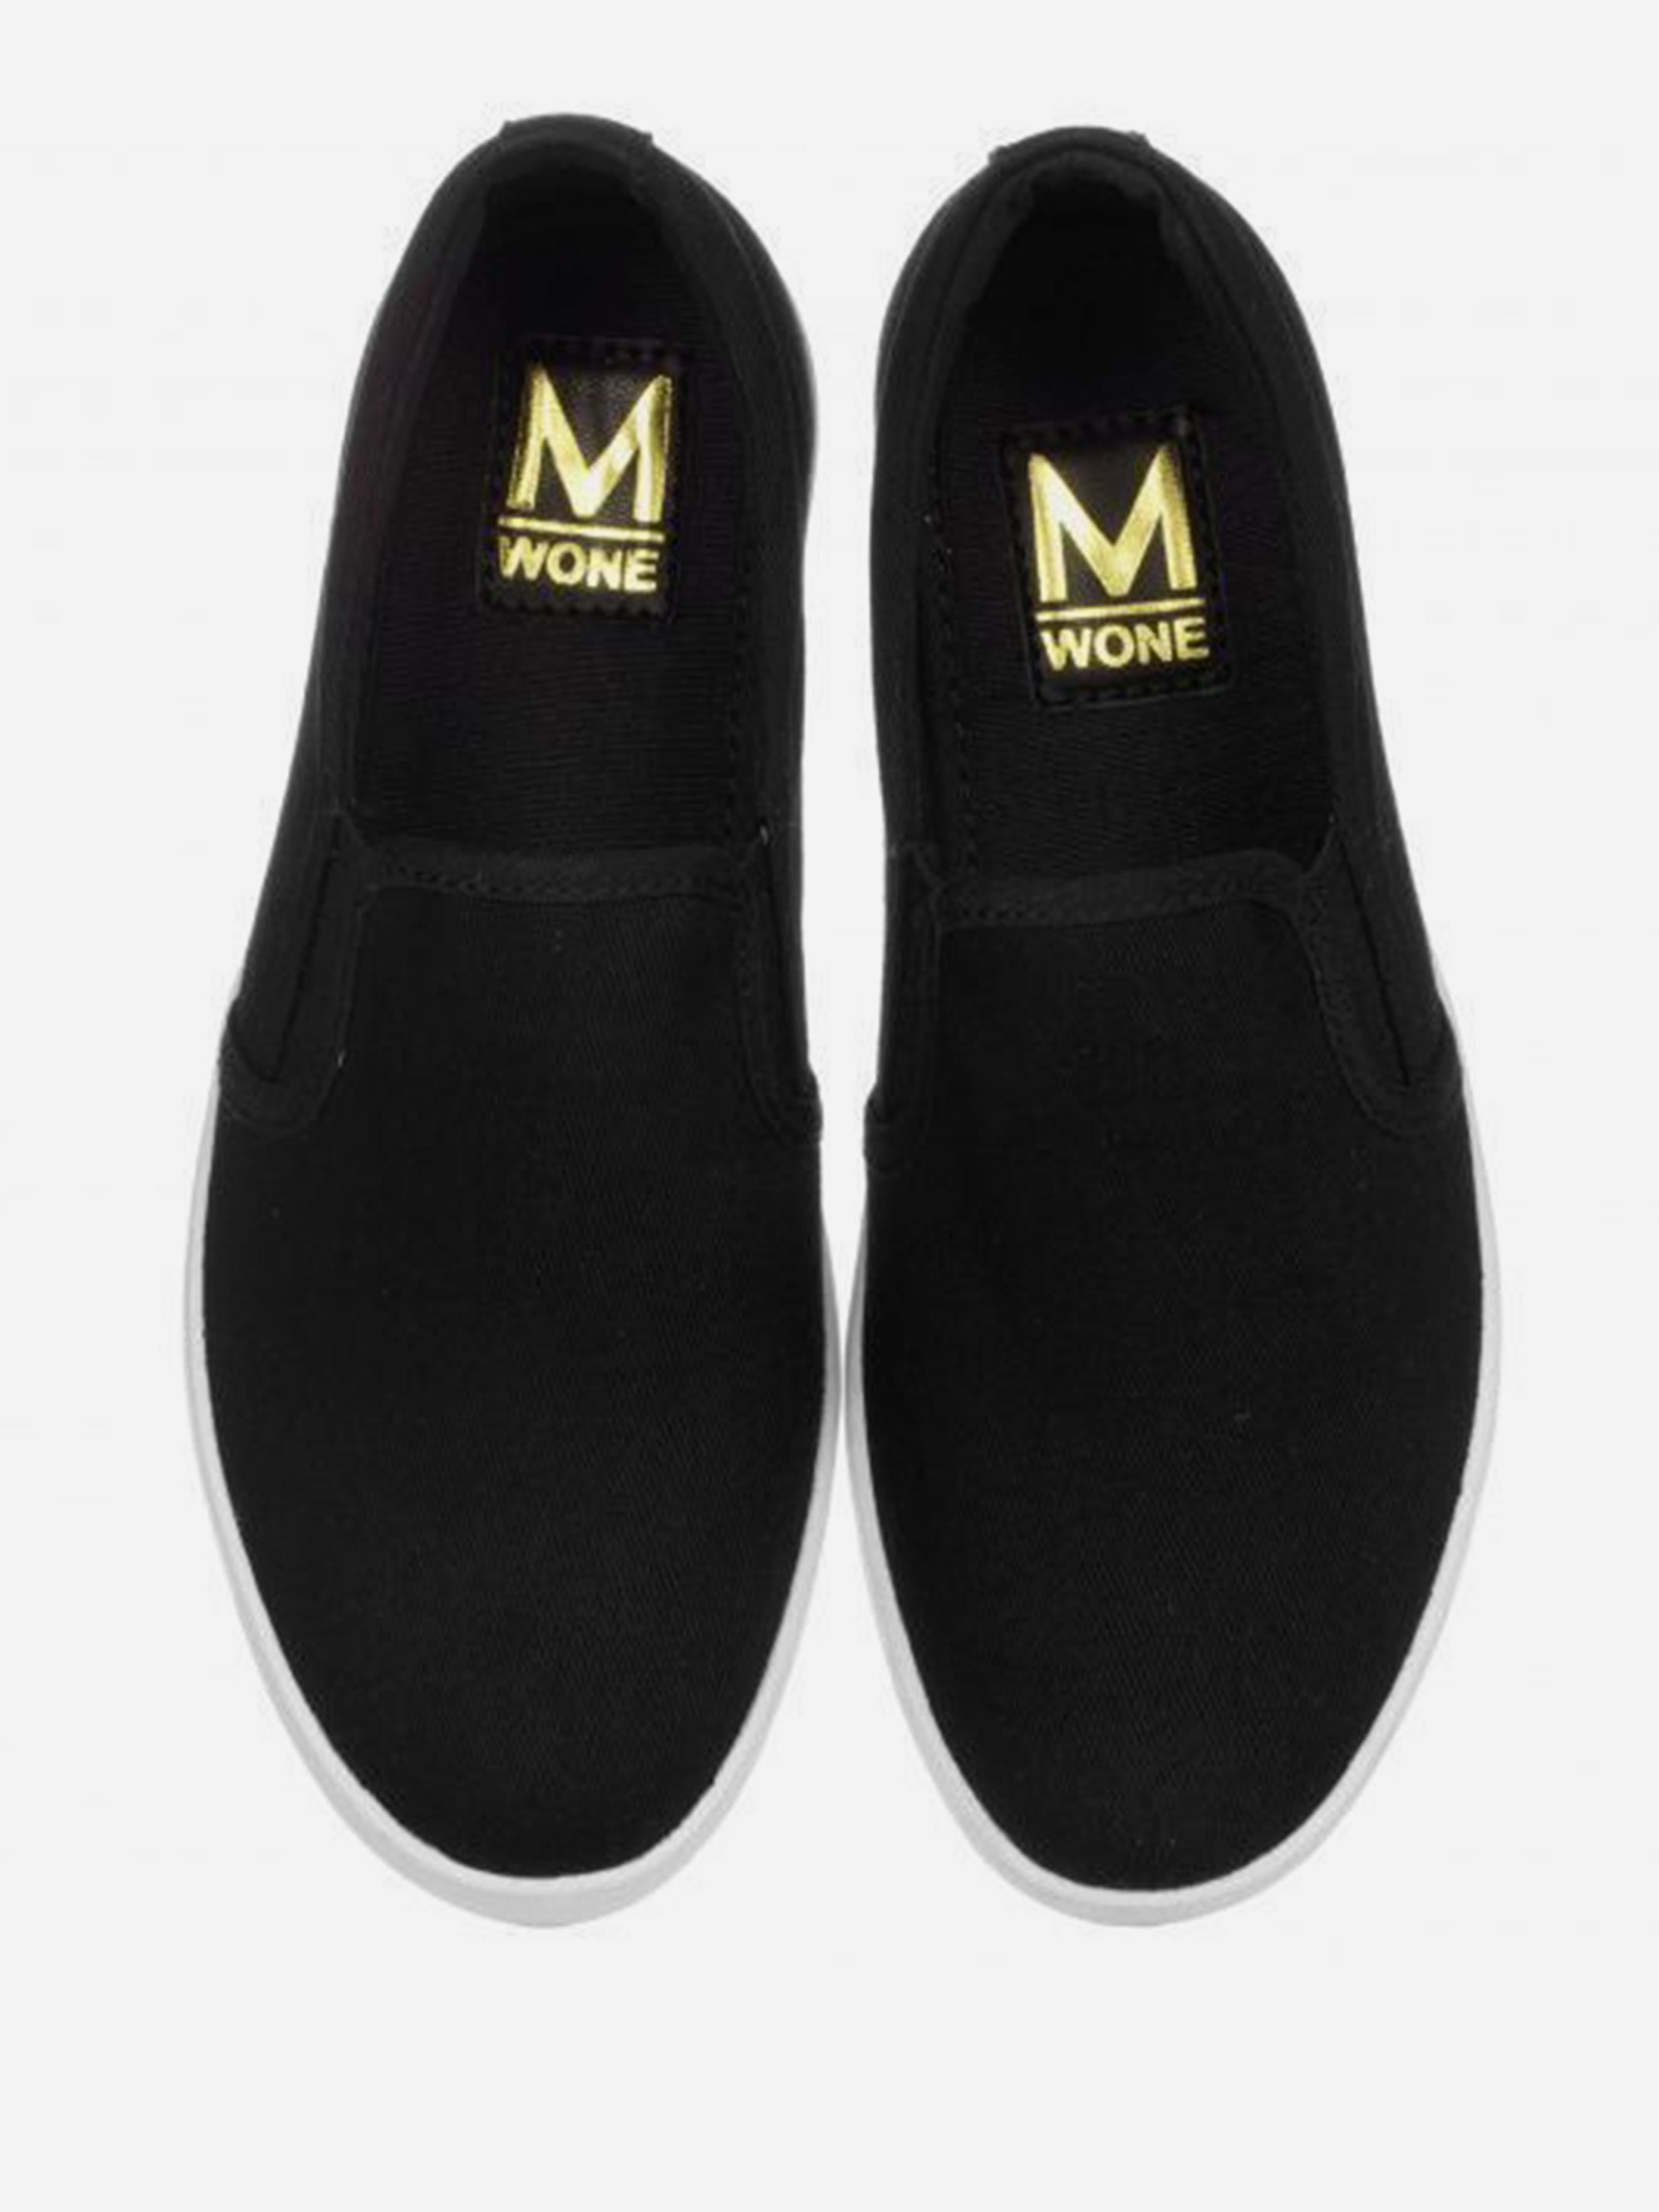 Слипоны для женщин M Wone 304526 размеры обуви, 2017